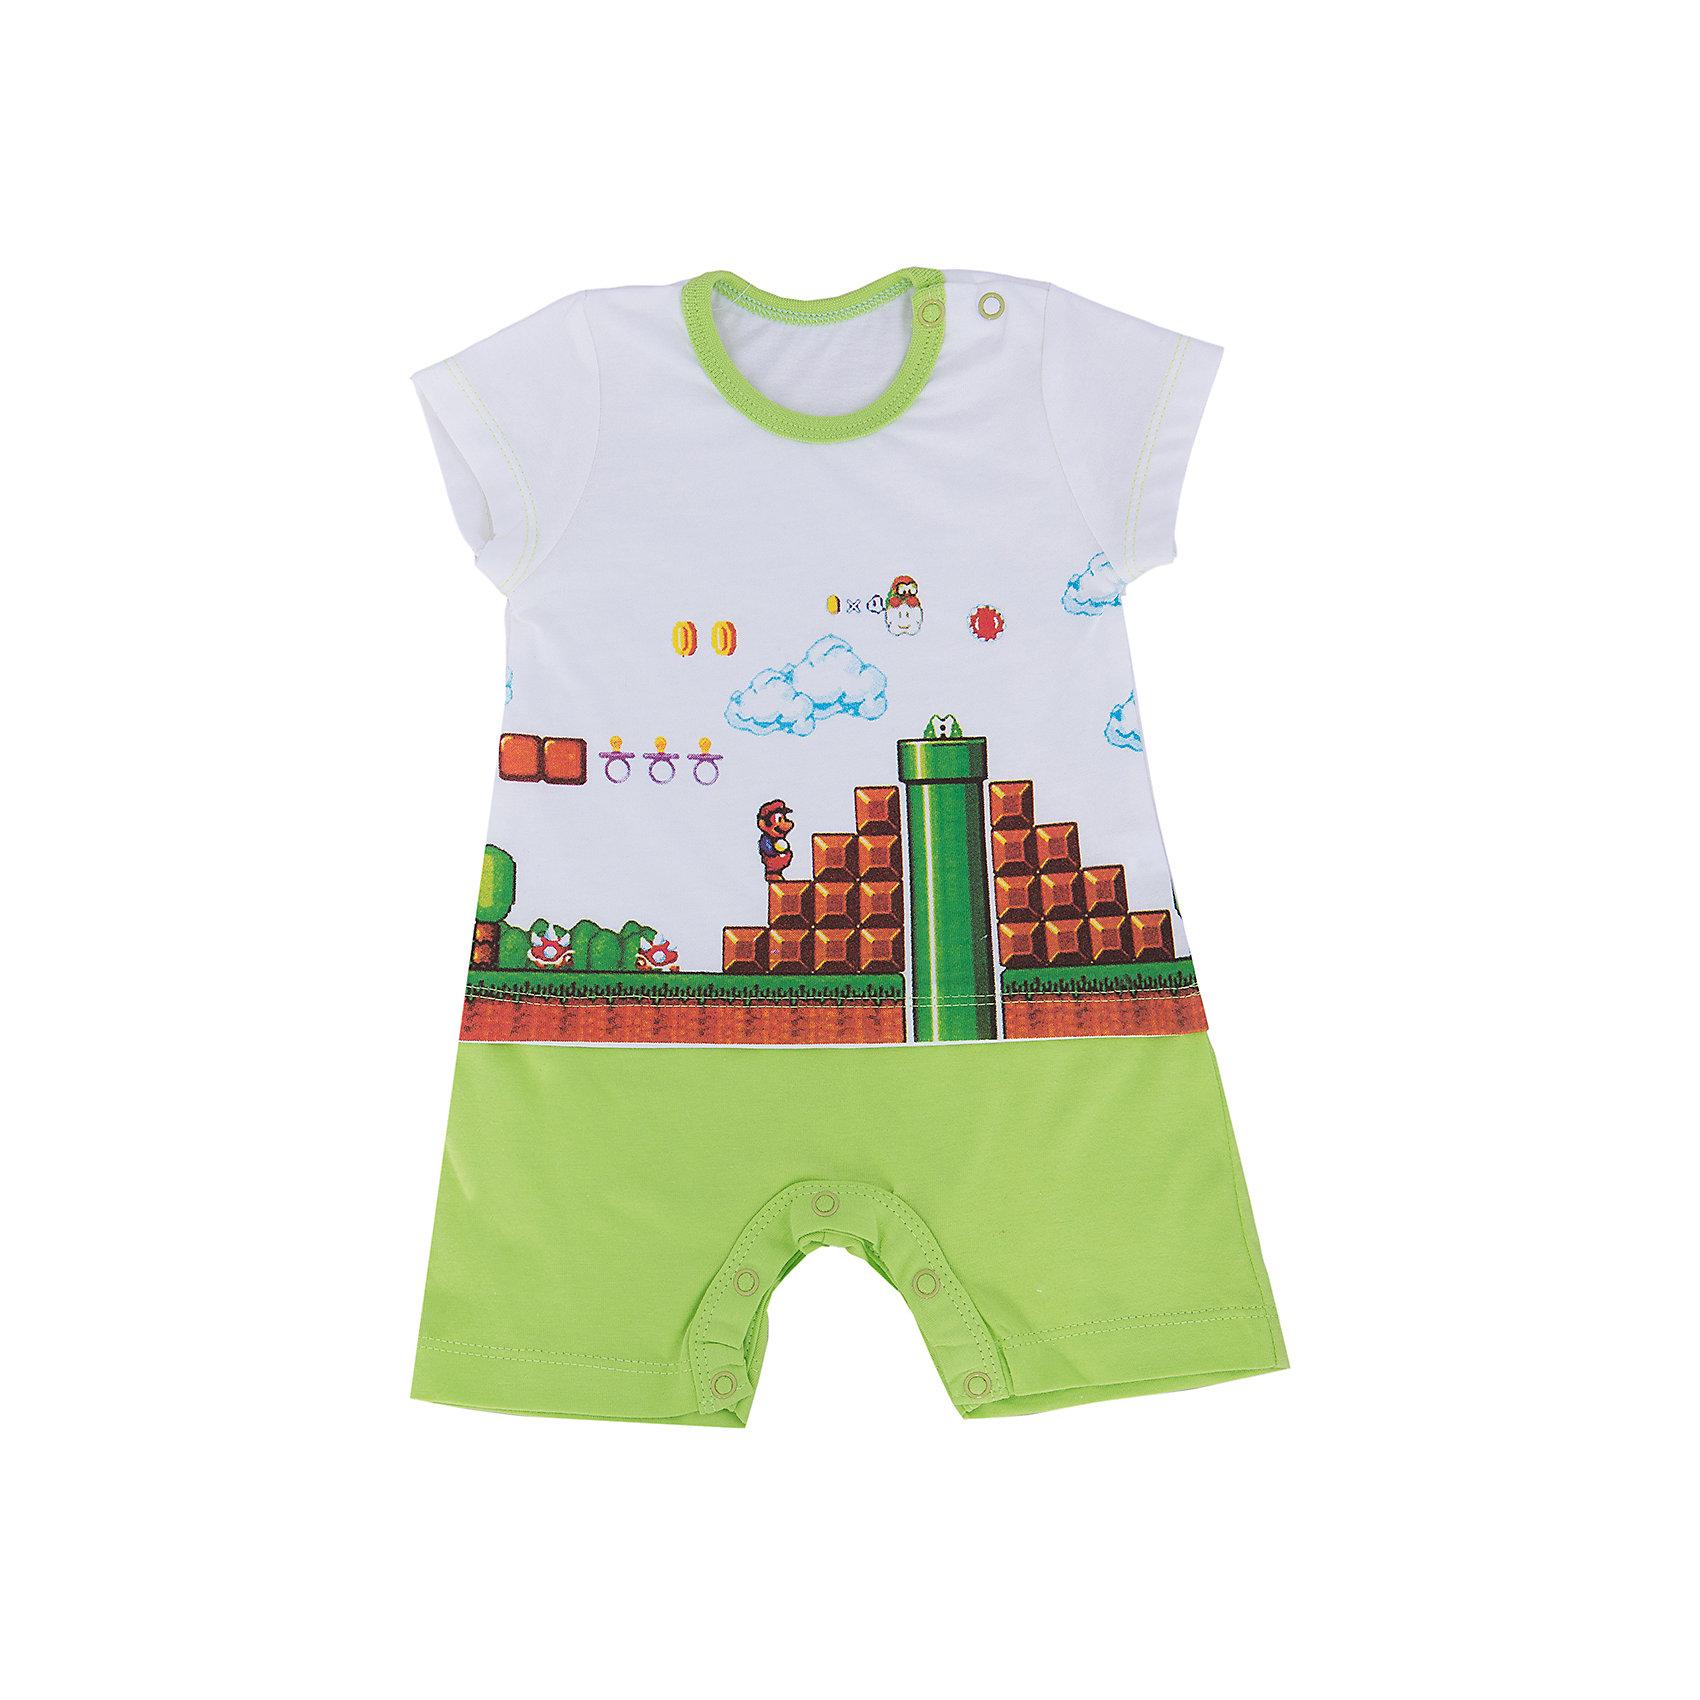 Goldy Песочник для мальчика Goldy футболки и топы goldy футболка для мальчика 673 093 601